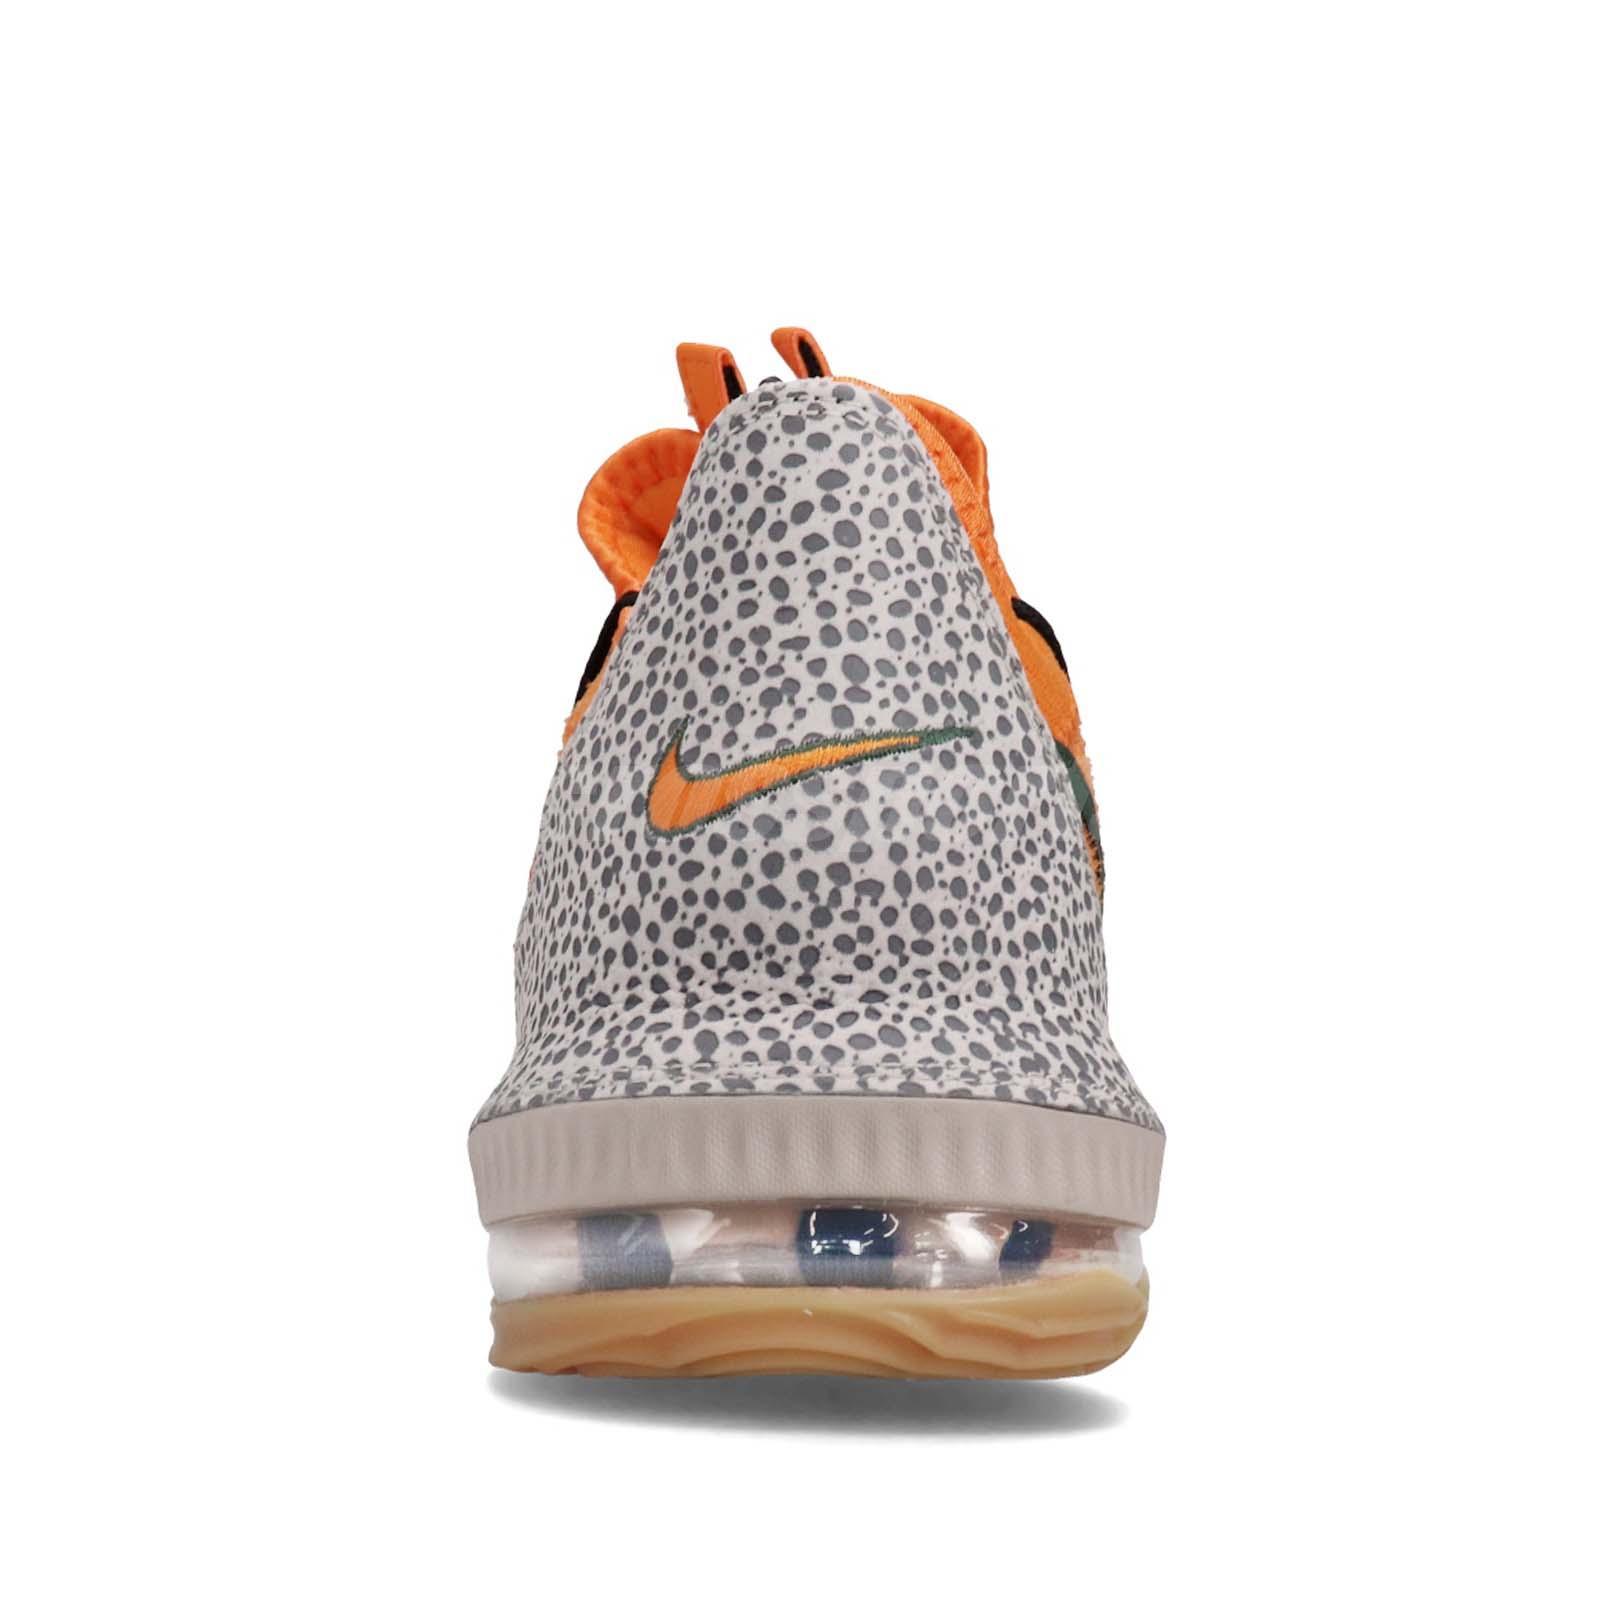 4f1ef0a33278d Nike Lebron XVI Low AC EP 16 James LBJ Atmos Safari Kumquat Men ...